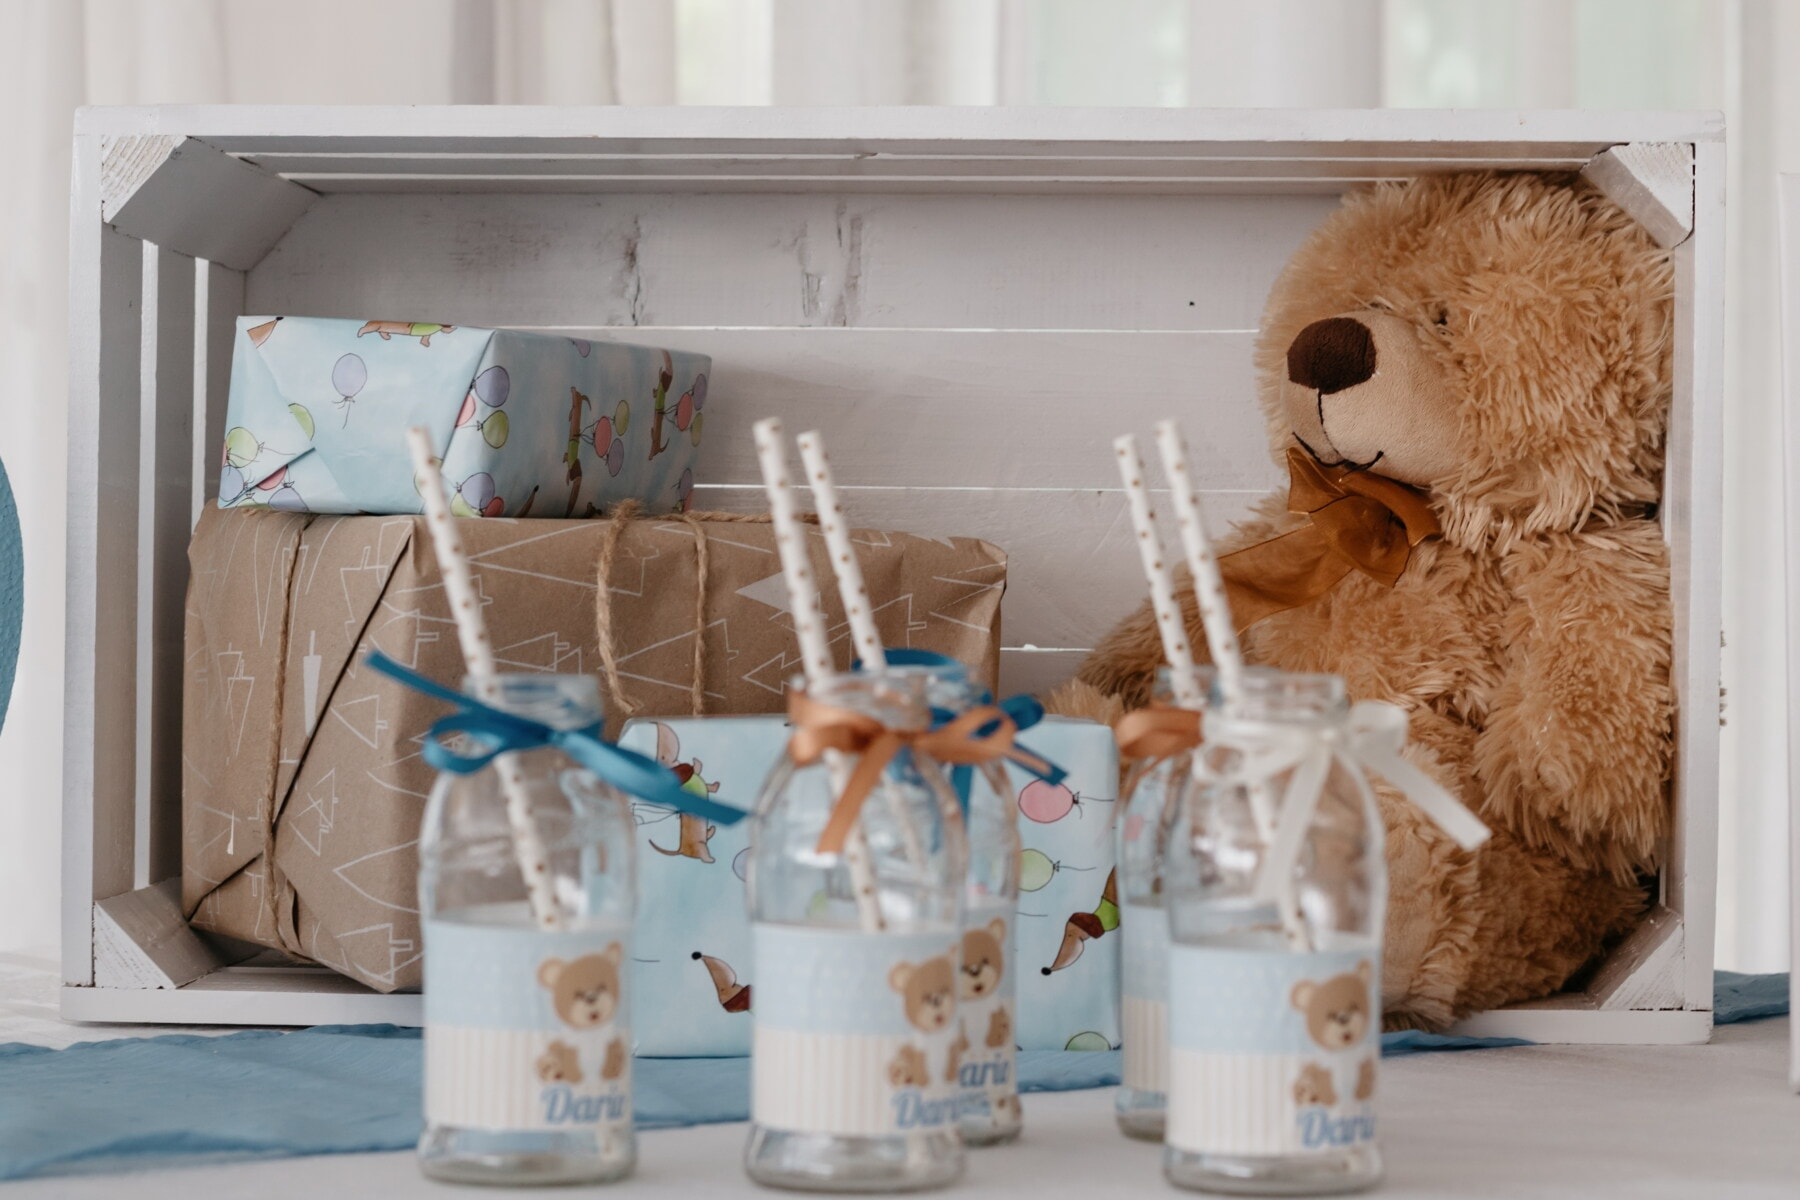 Geschenke, Teddybär Spielzeug, Pakete, Geburtstag, Jahrgang, Partei, drinnen, Holz, Interieur-design, traditionelle